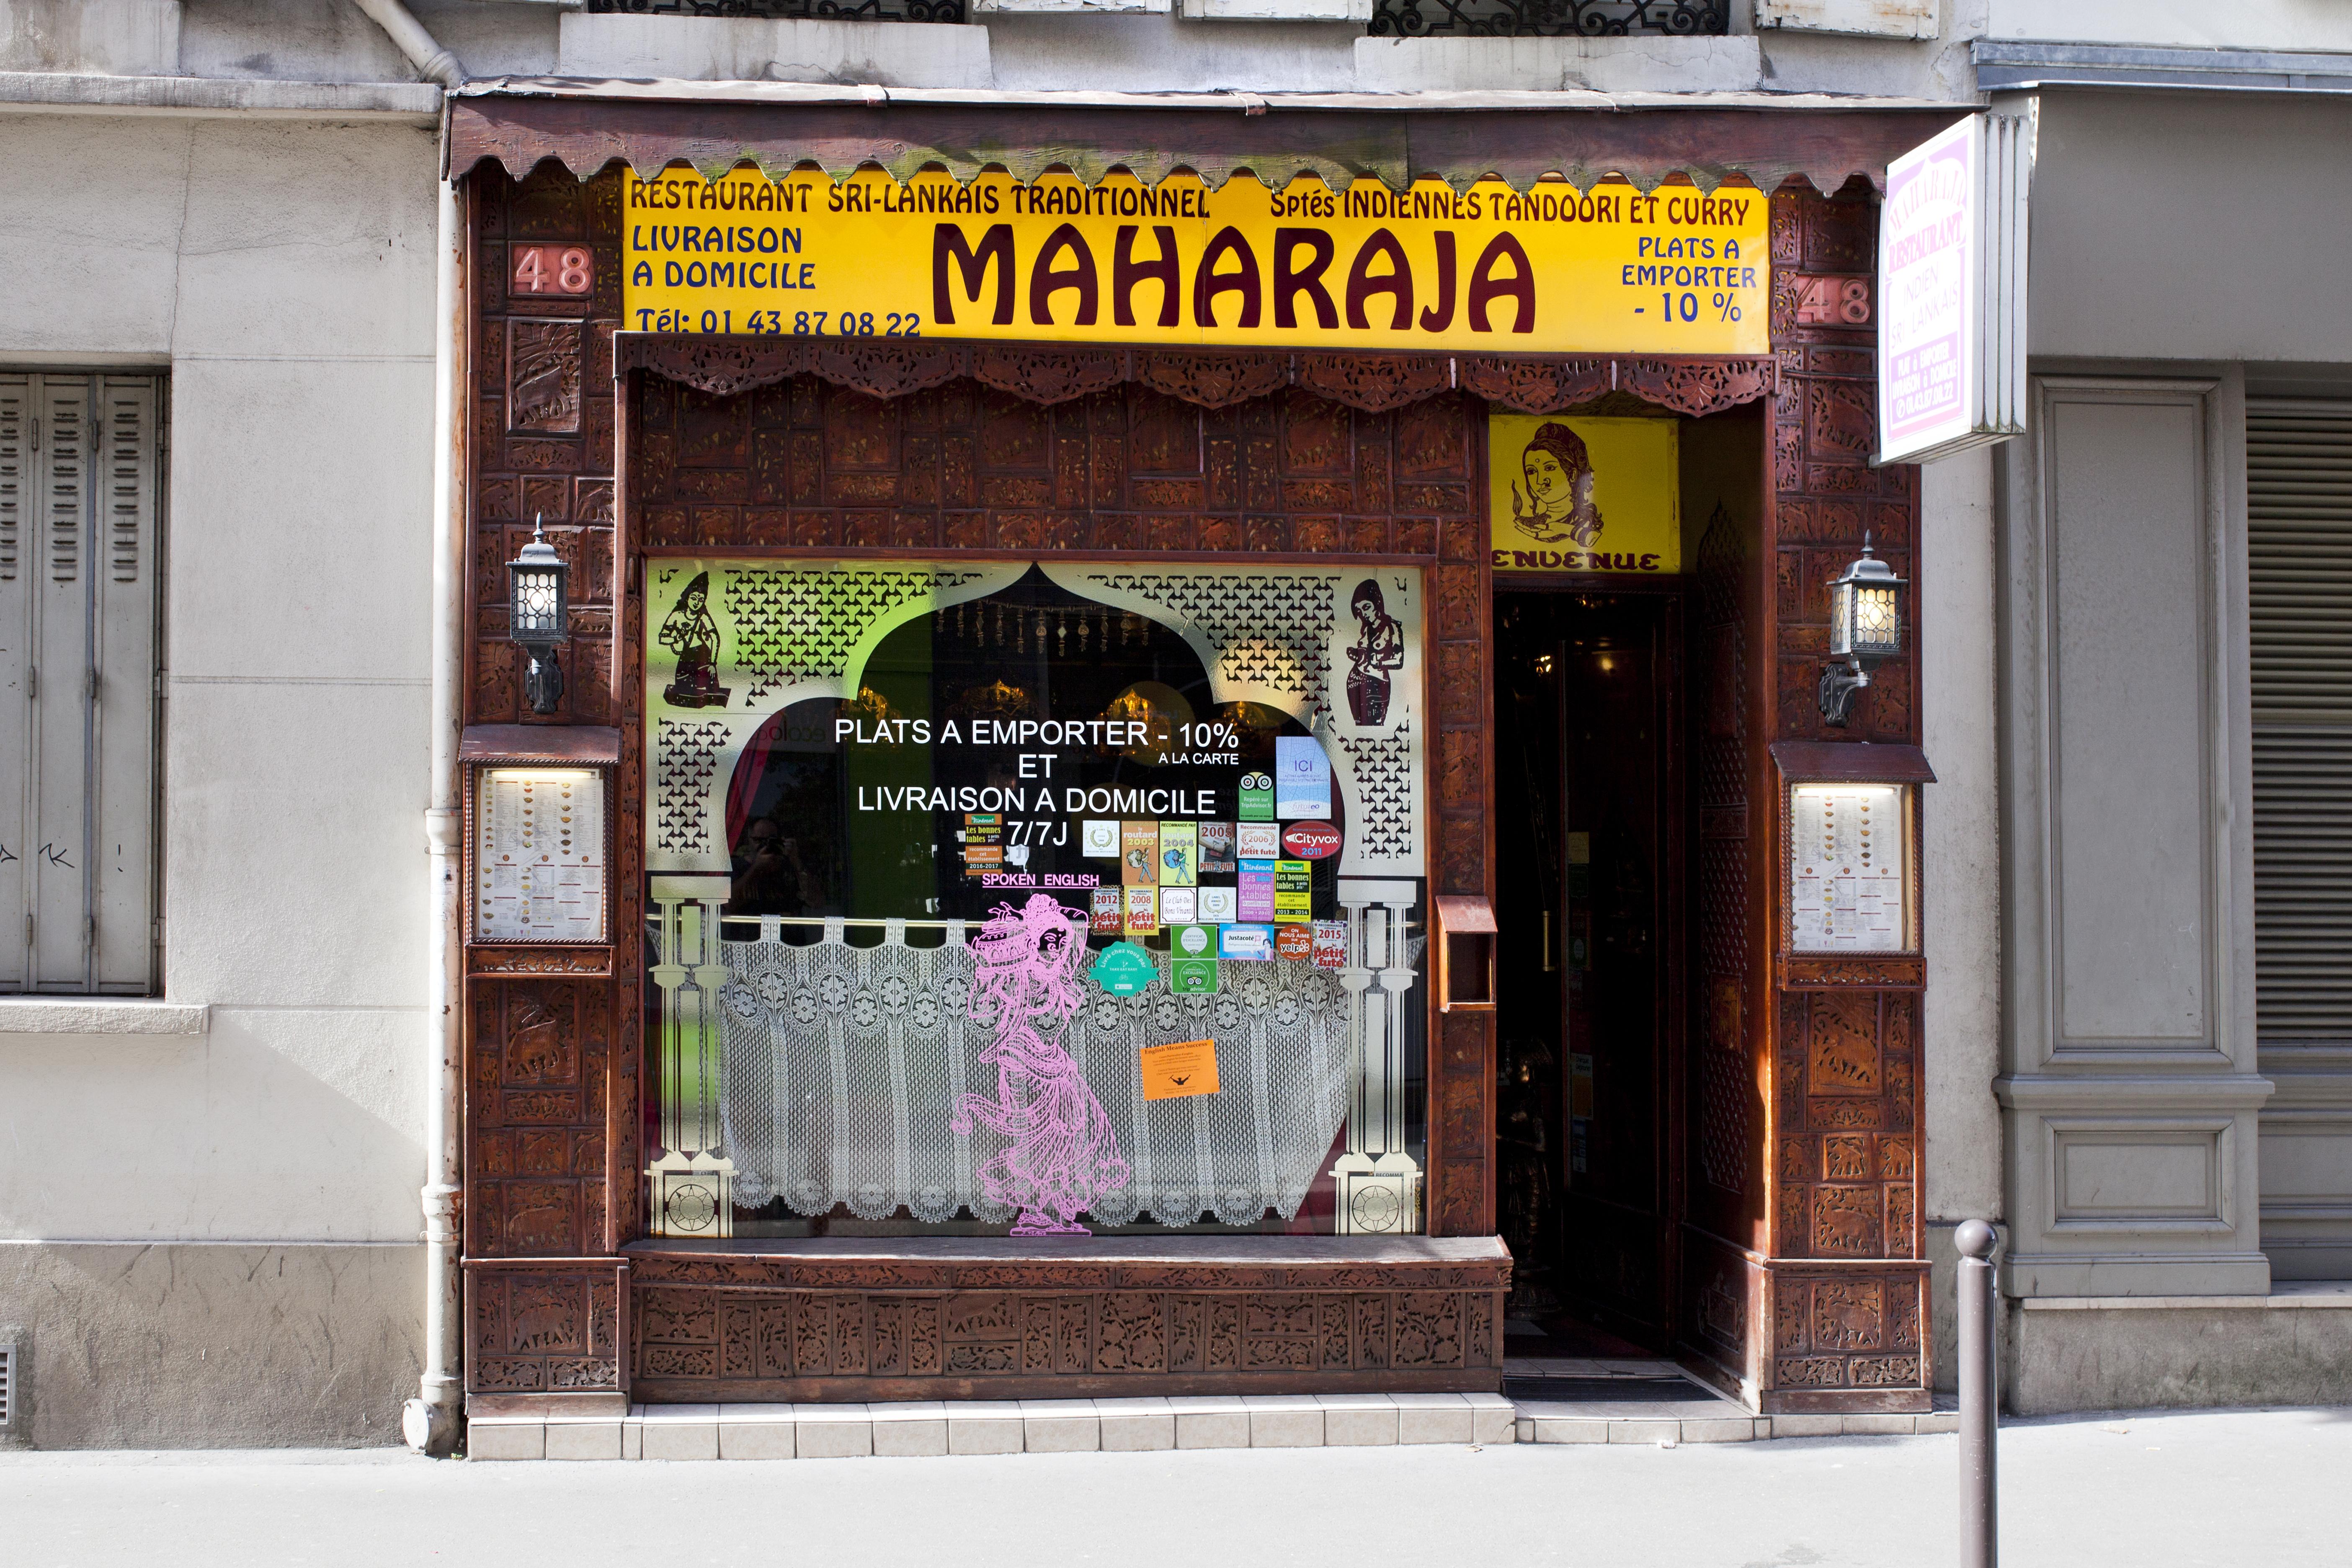 Restaurant Indien Maharaja Paris 17